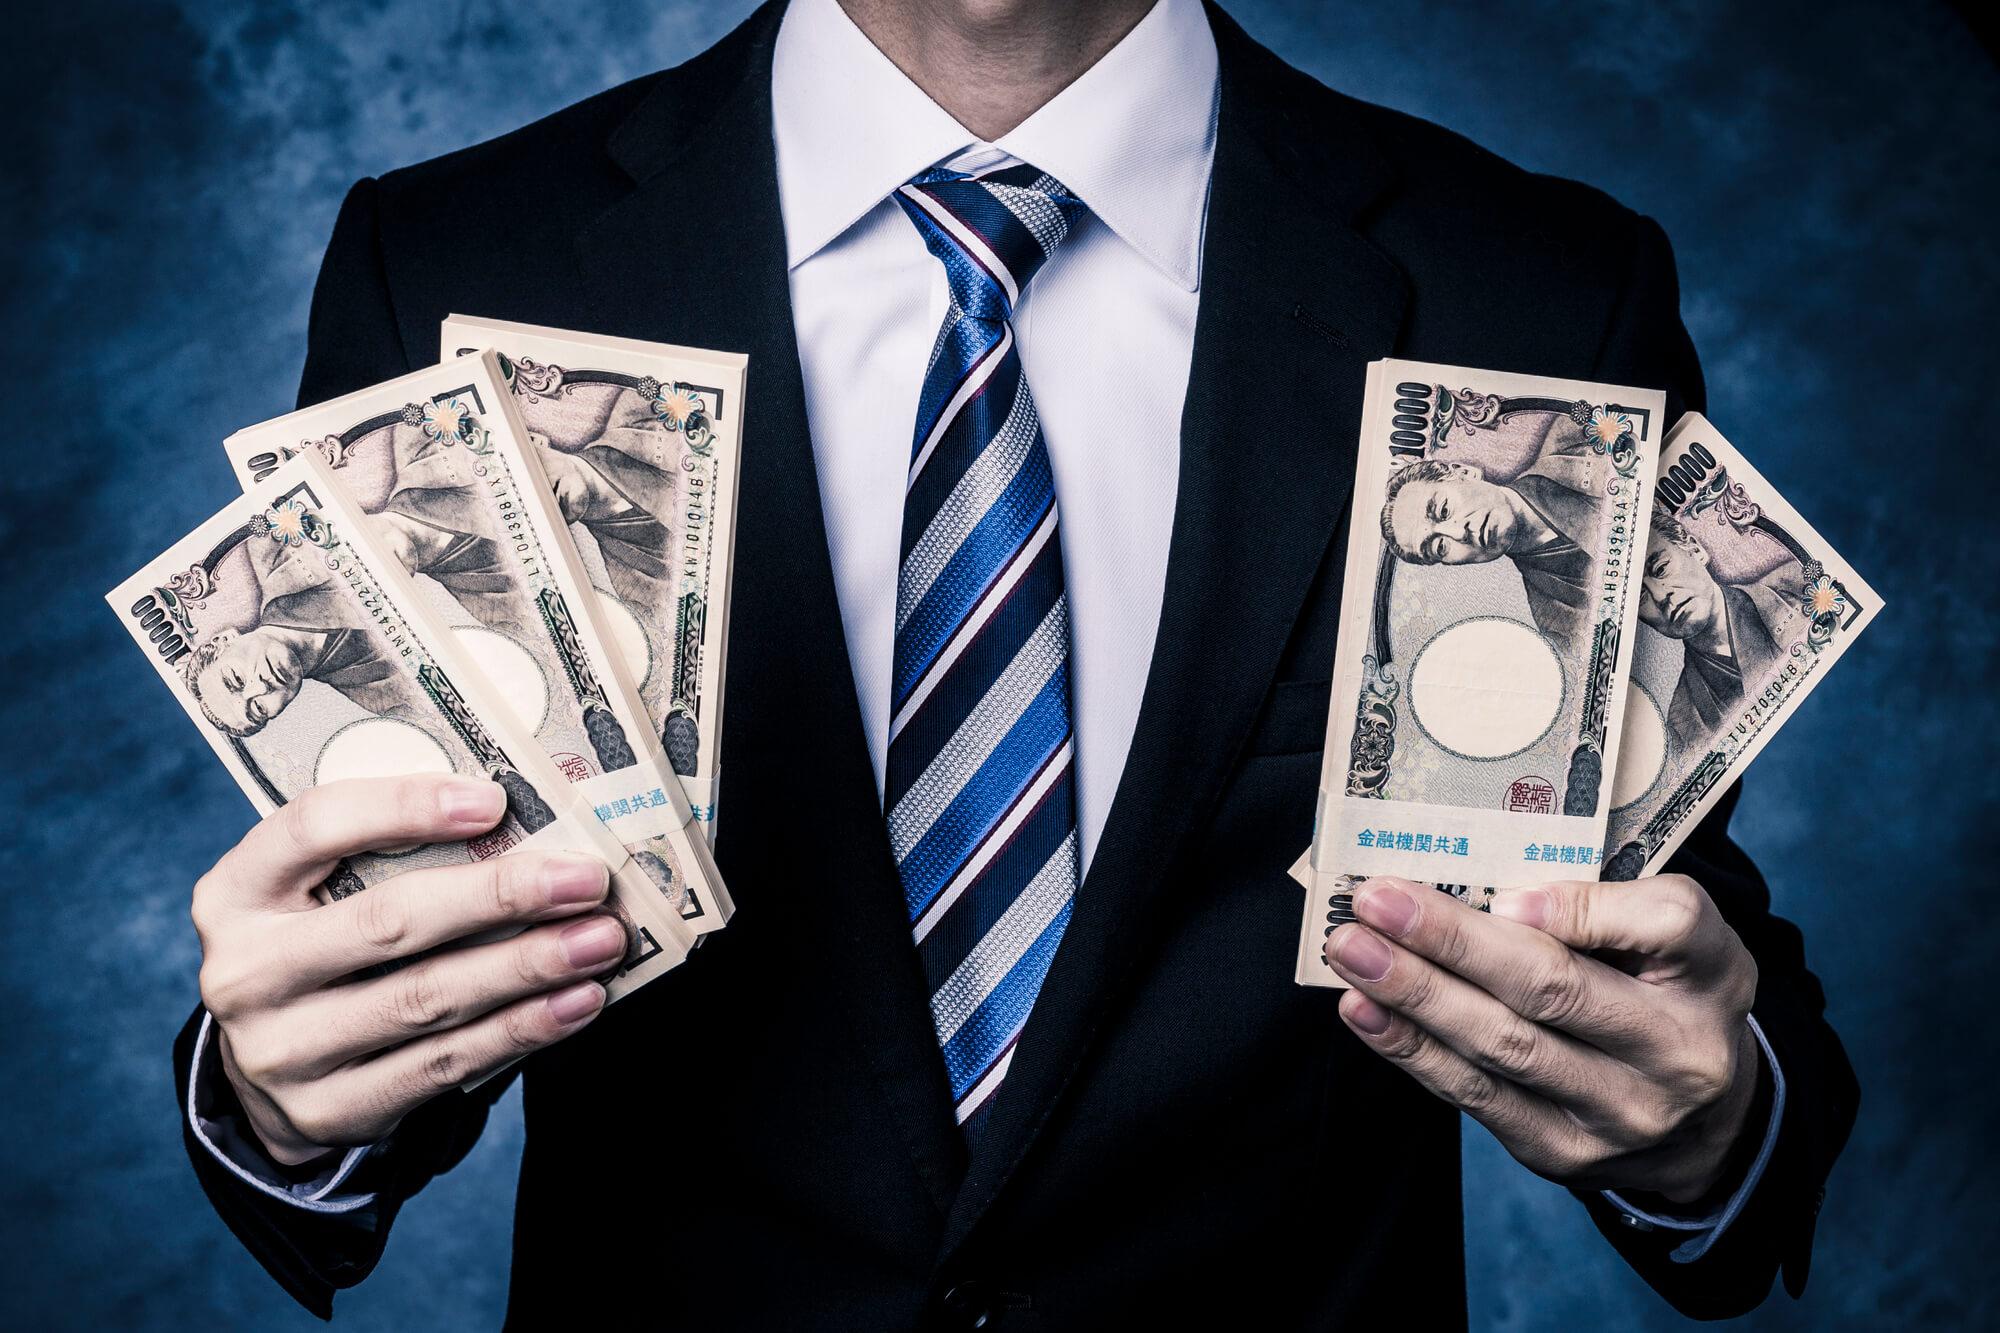 不動産投資は儲からない!? 期待どおりの利益があがらない理由とは